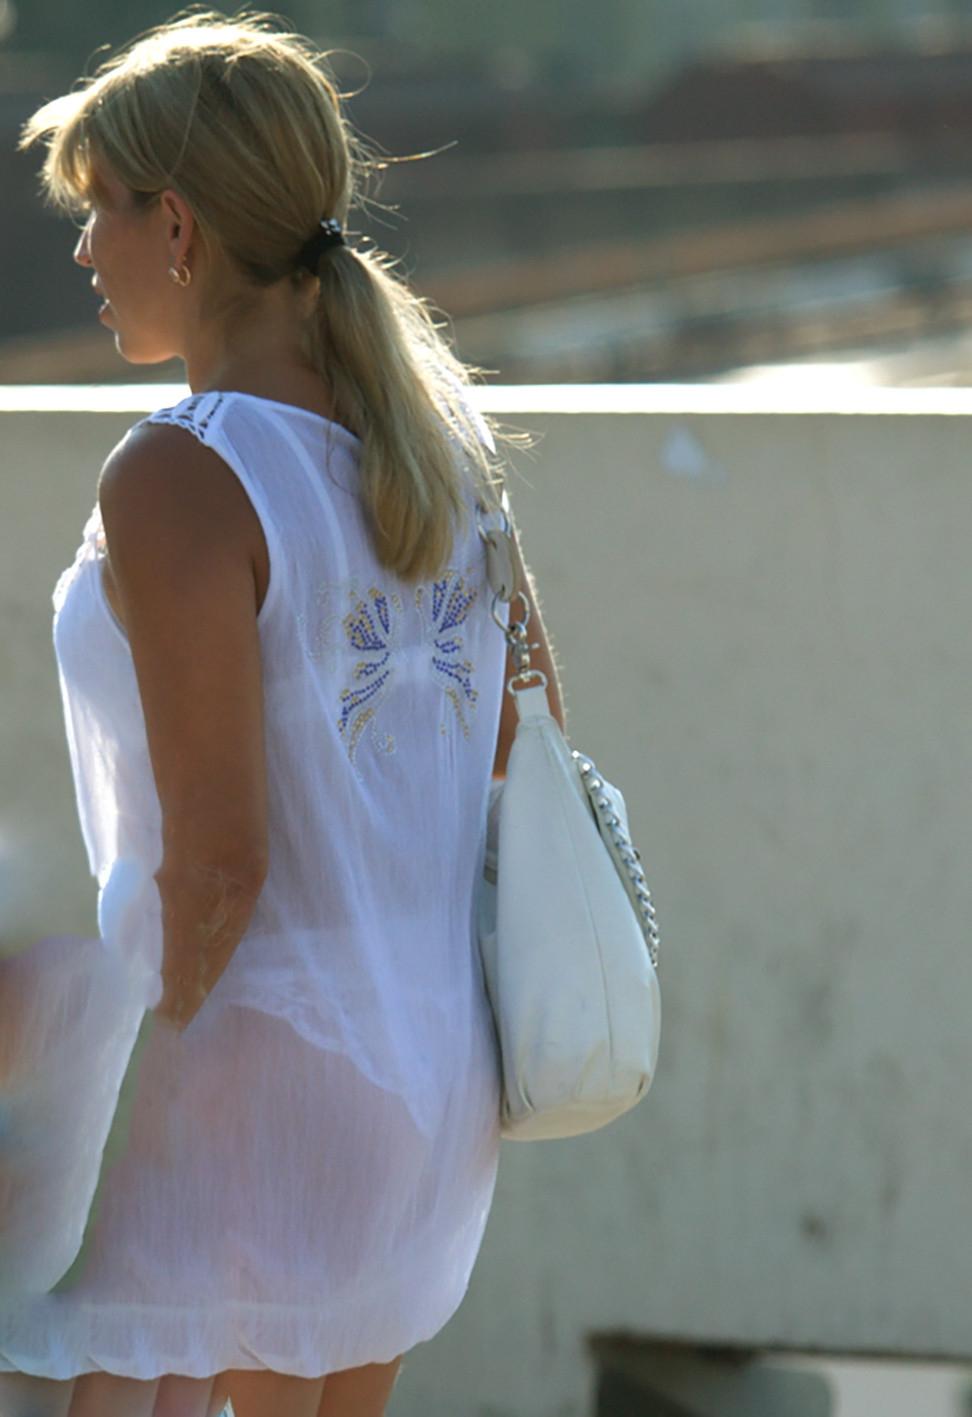 夏になると街中で見かける透けファッション、さすがに過激すぎるwwwww(画像あり)・34枚目